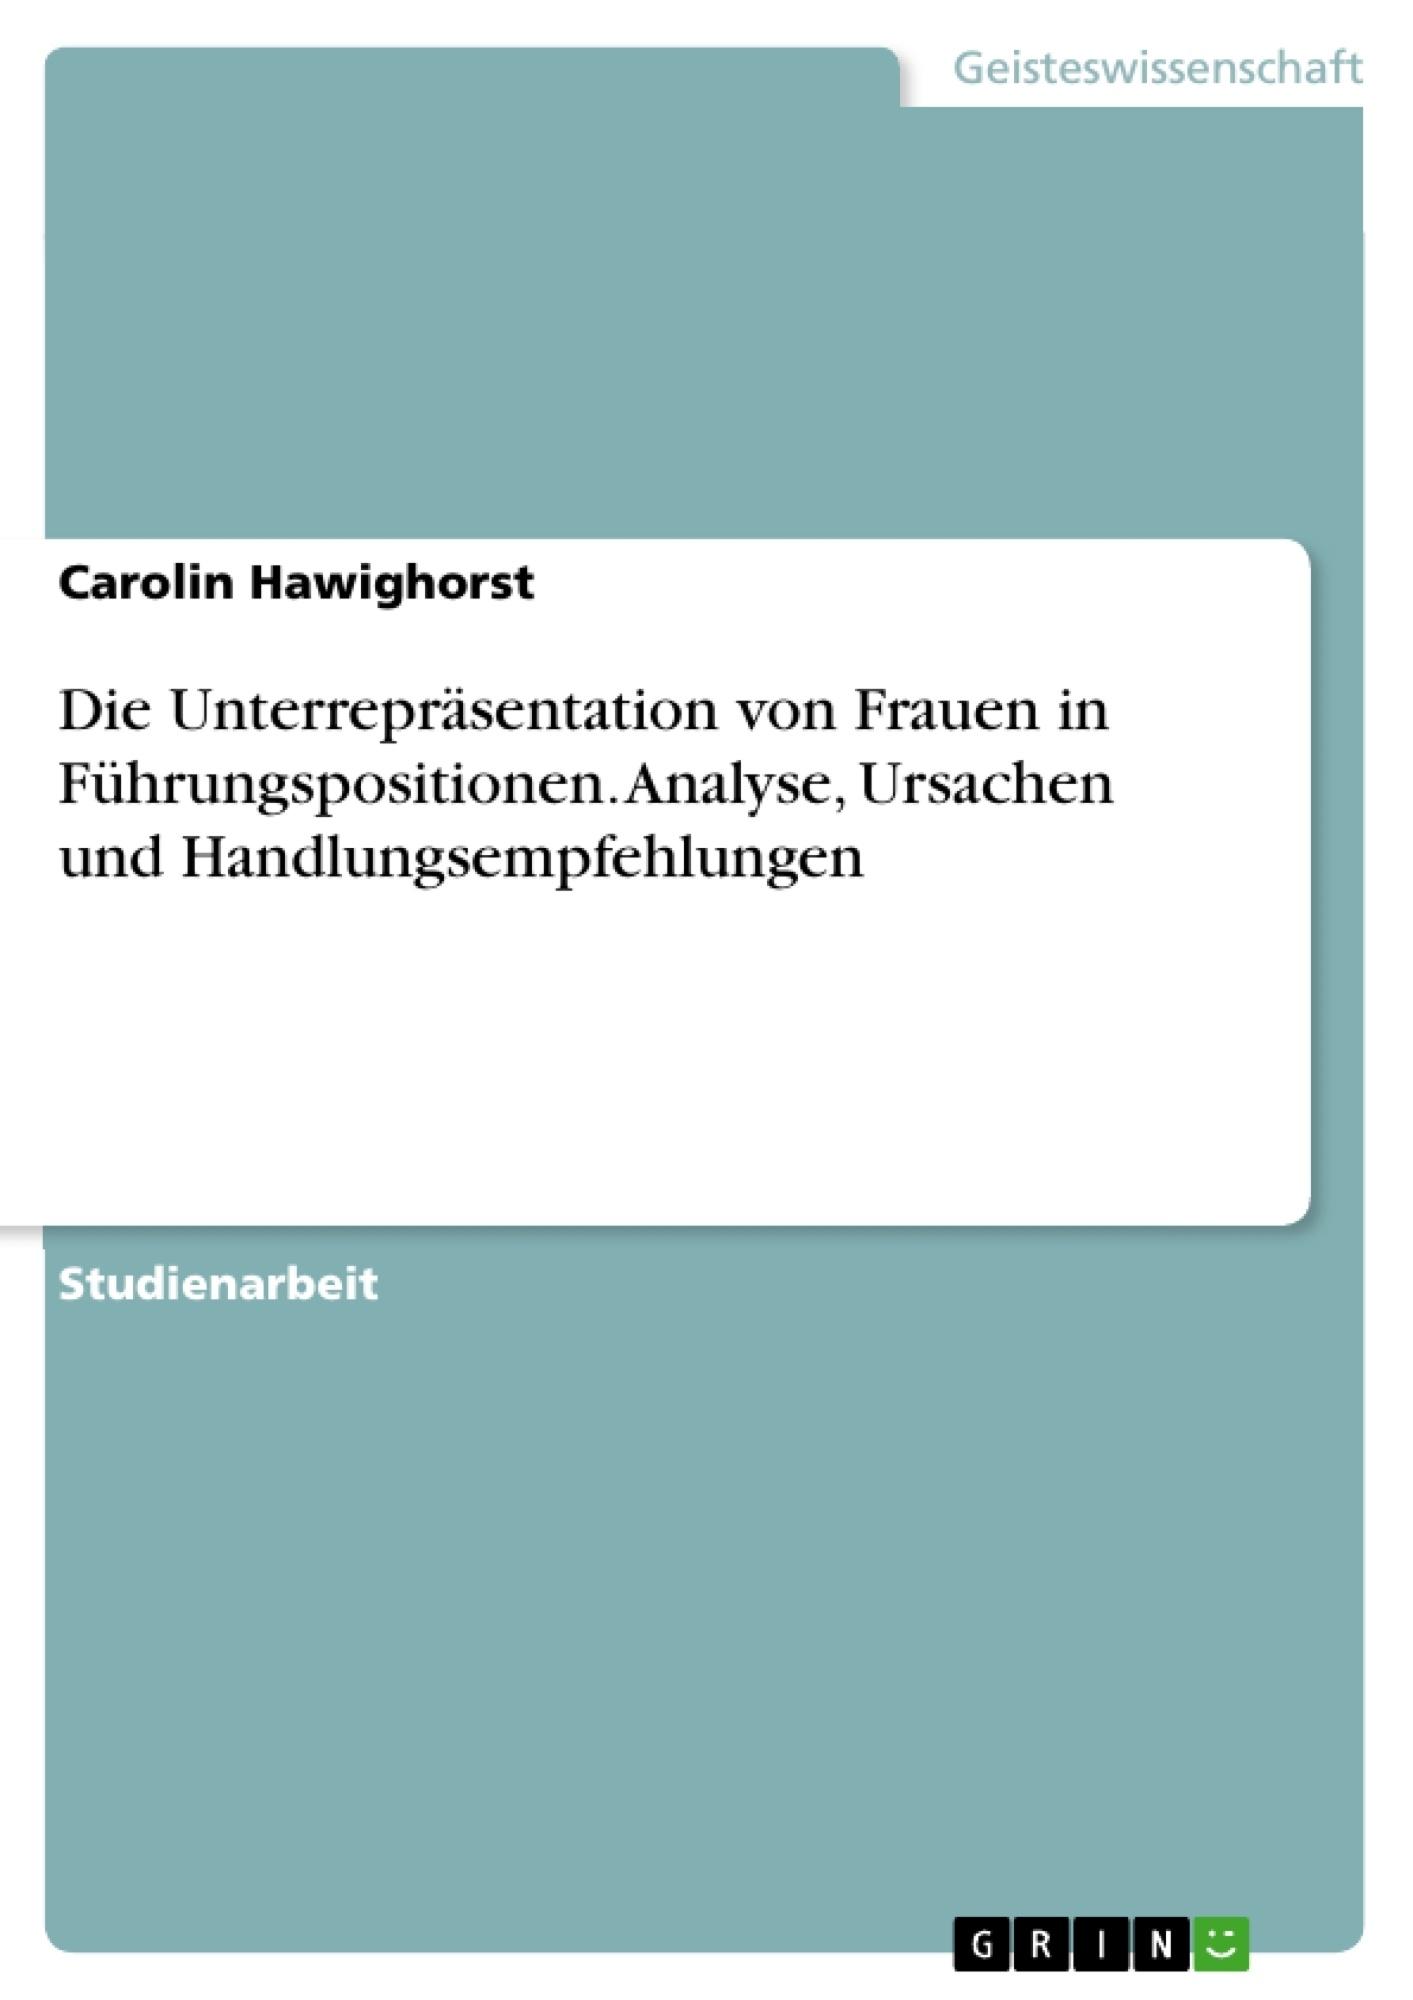 Titel: Die Unterrepräsentation von Frauen in Führungspositionen. Analyse, Ursachen und Handlungsempfehlungen